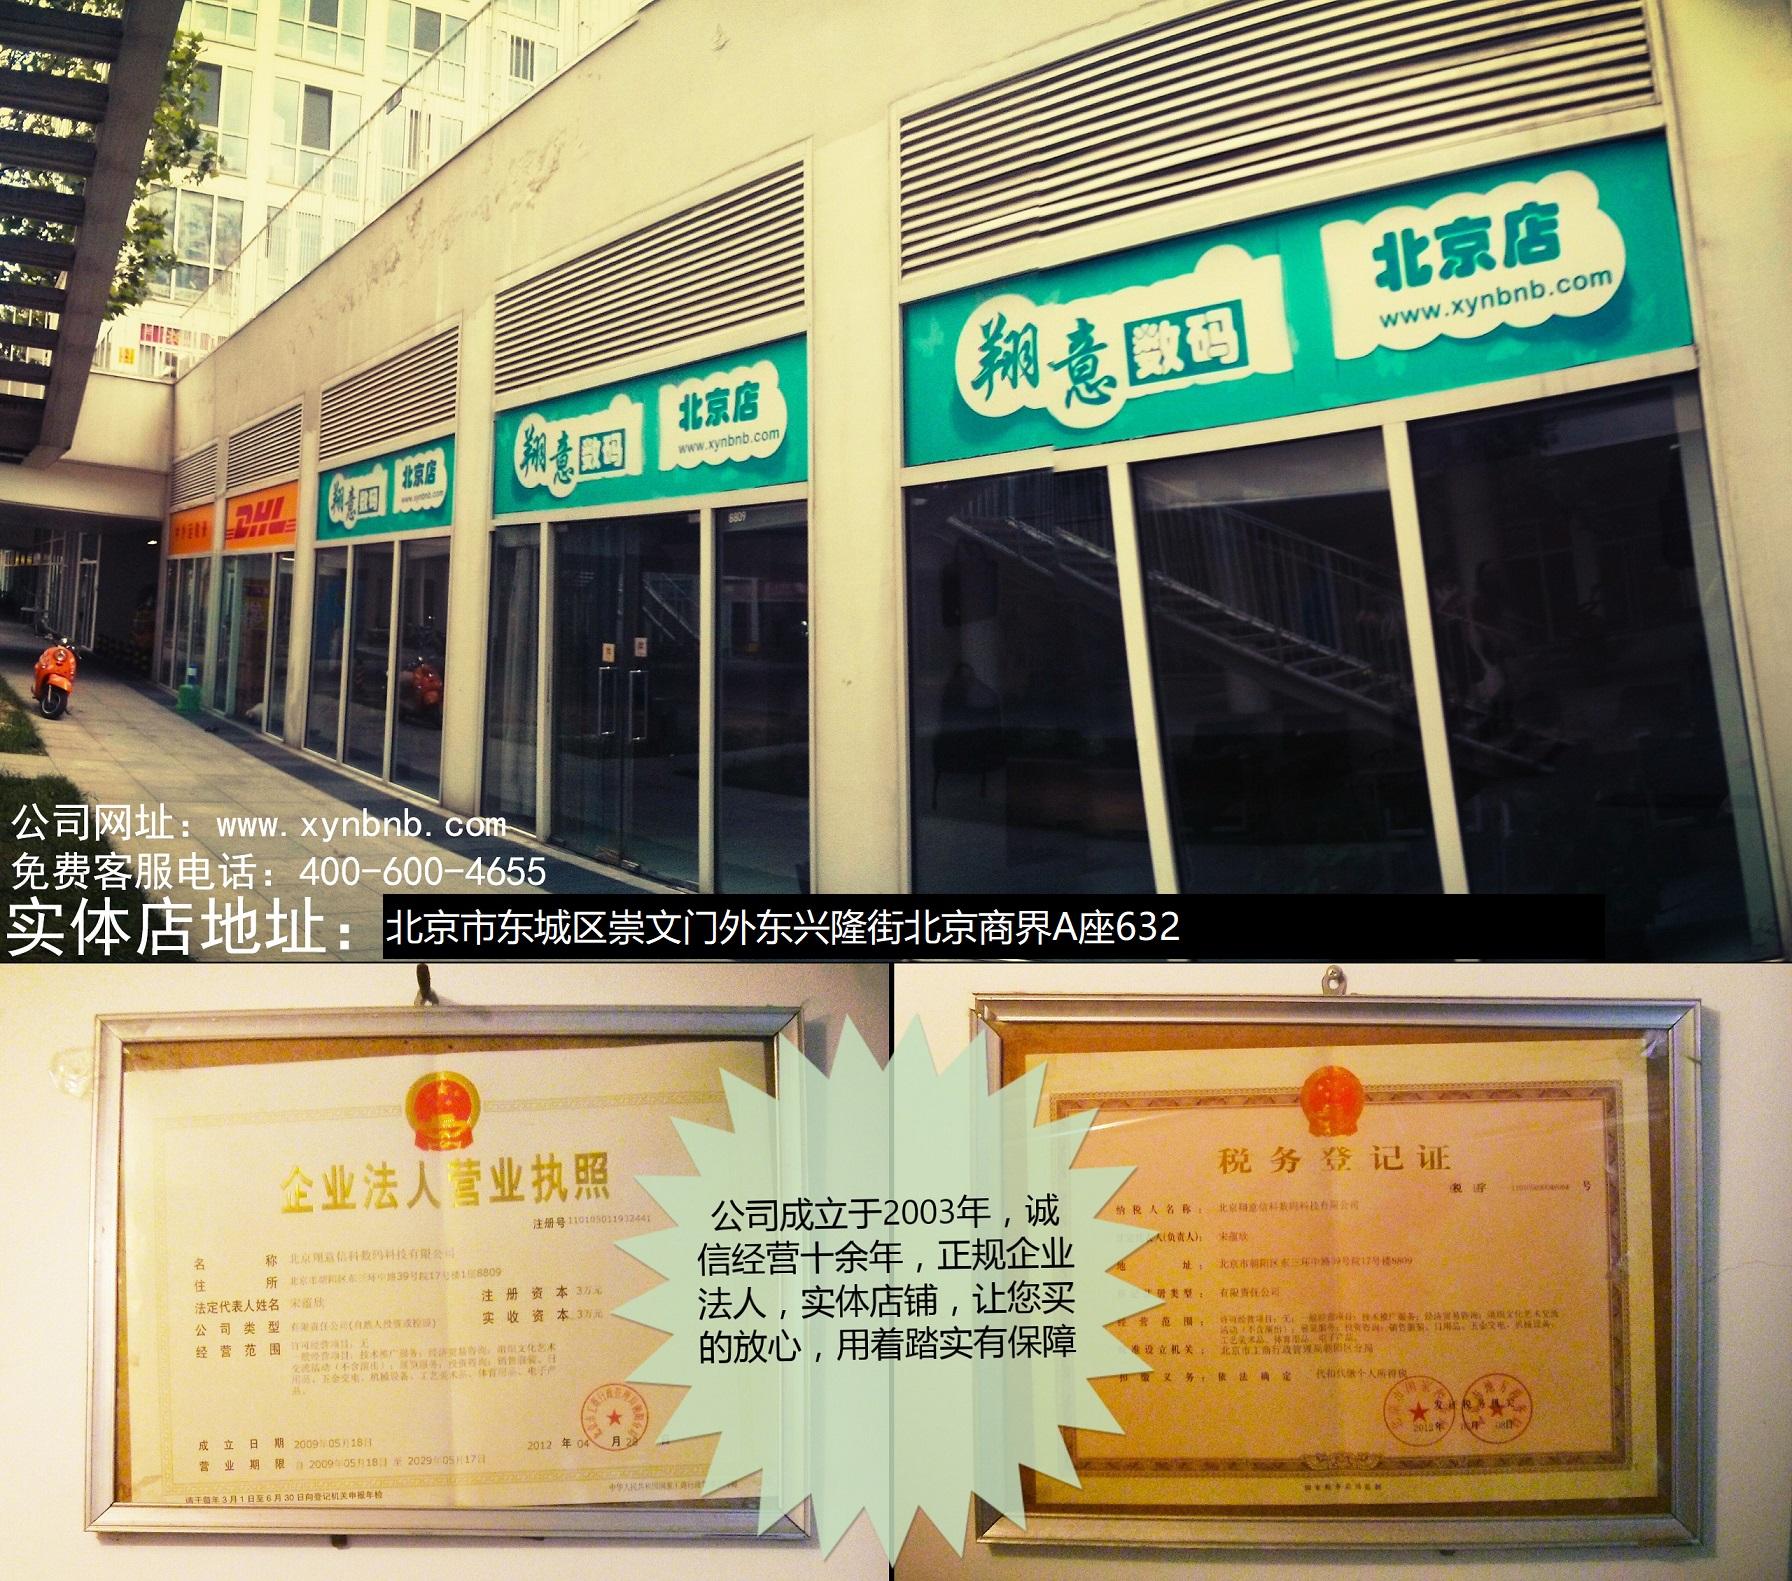 翔意�荡a 北京���w店ThinkPad T480 T480s T470p港行 ��行